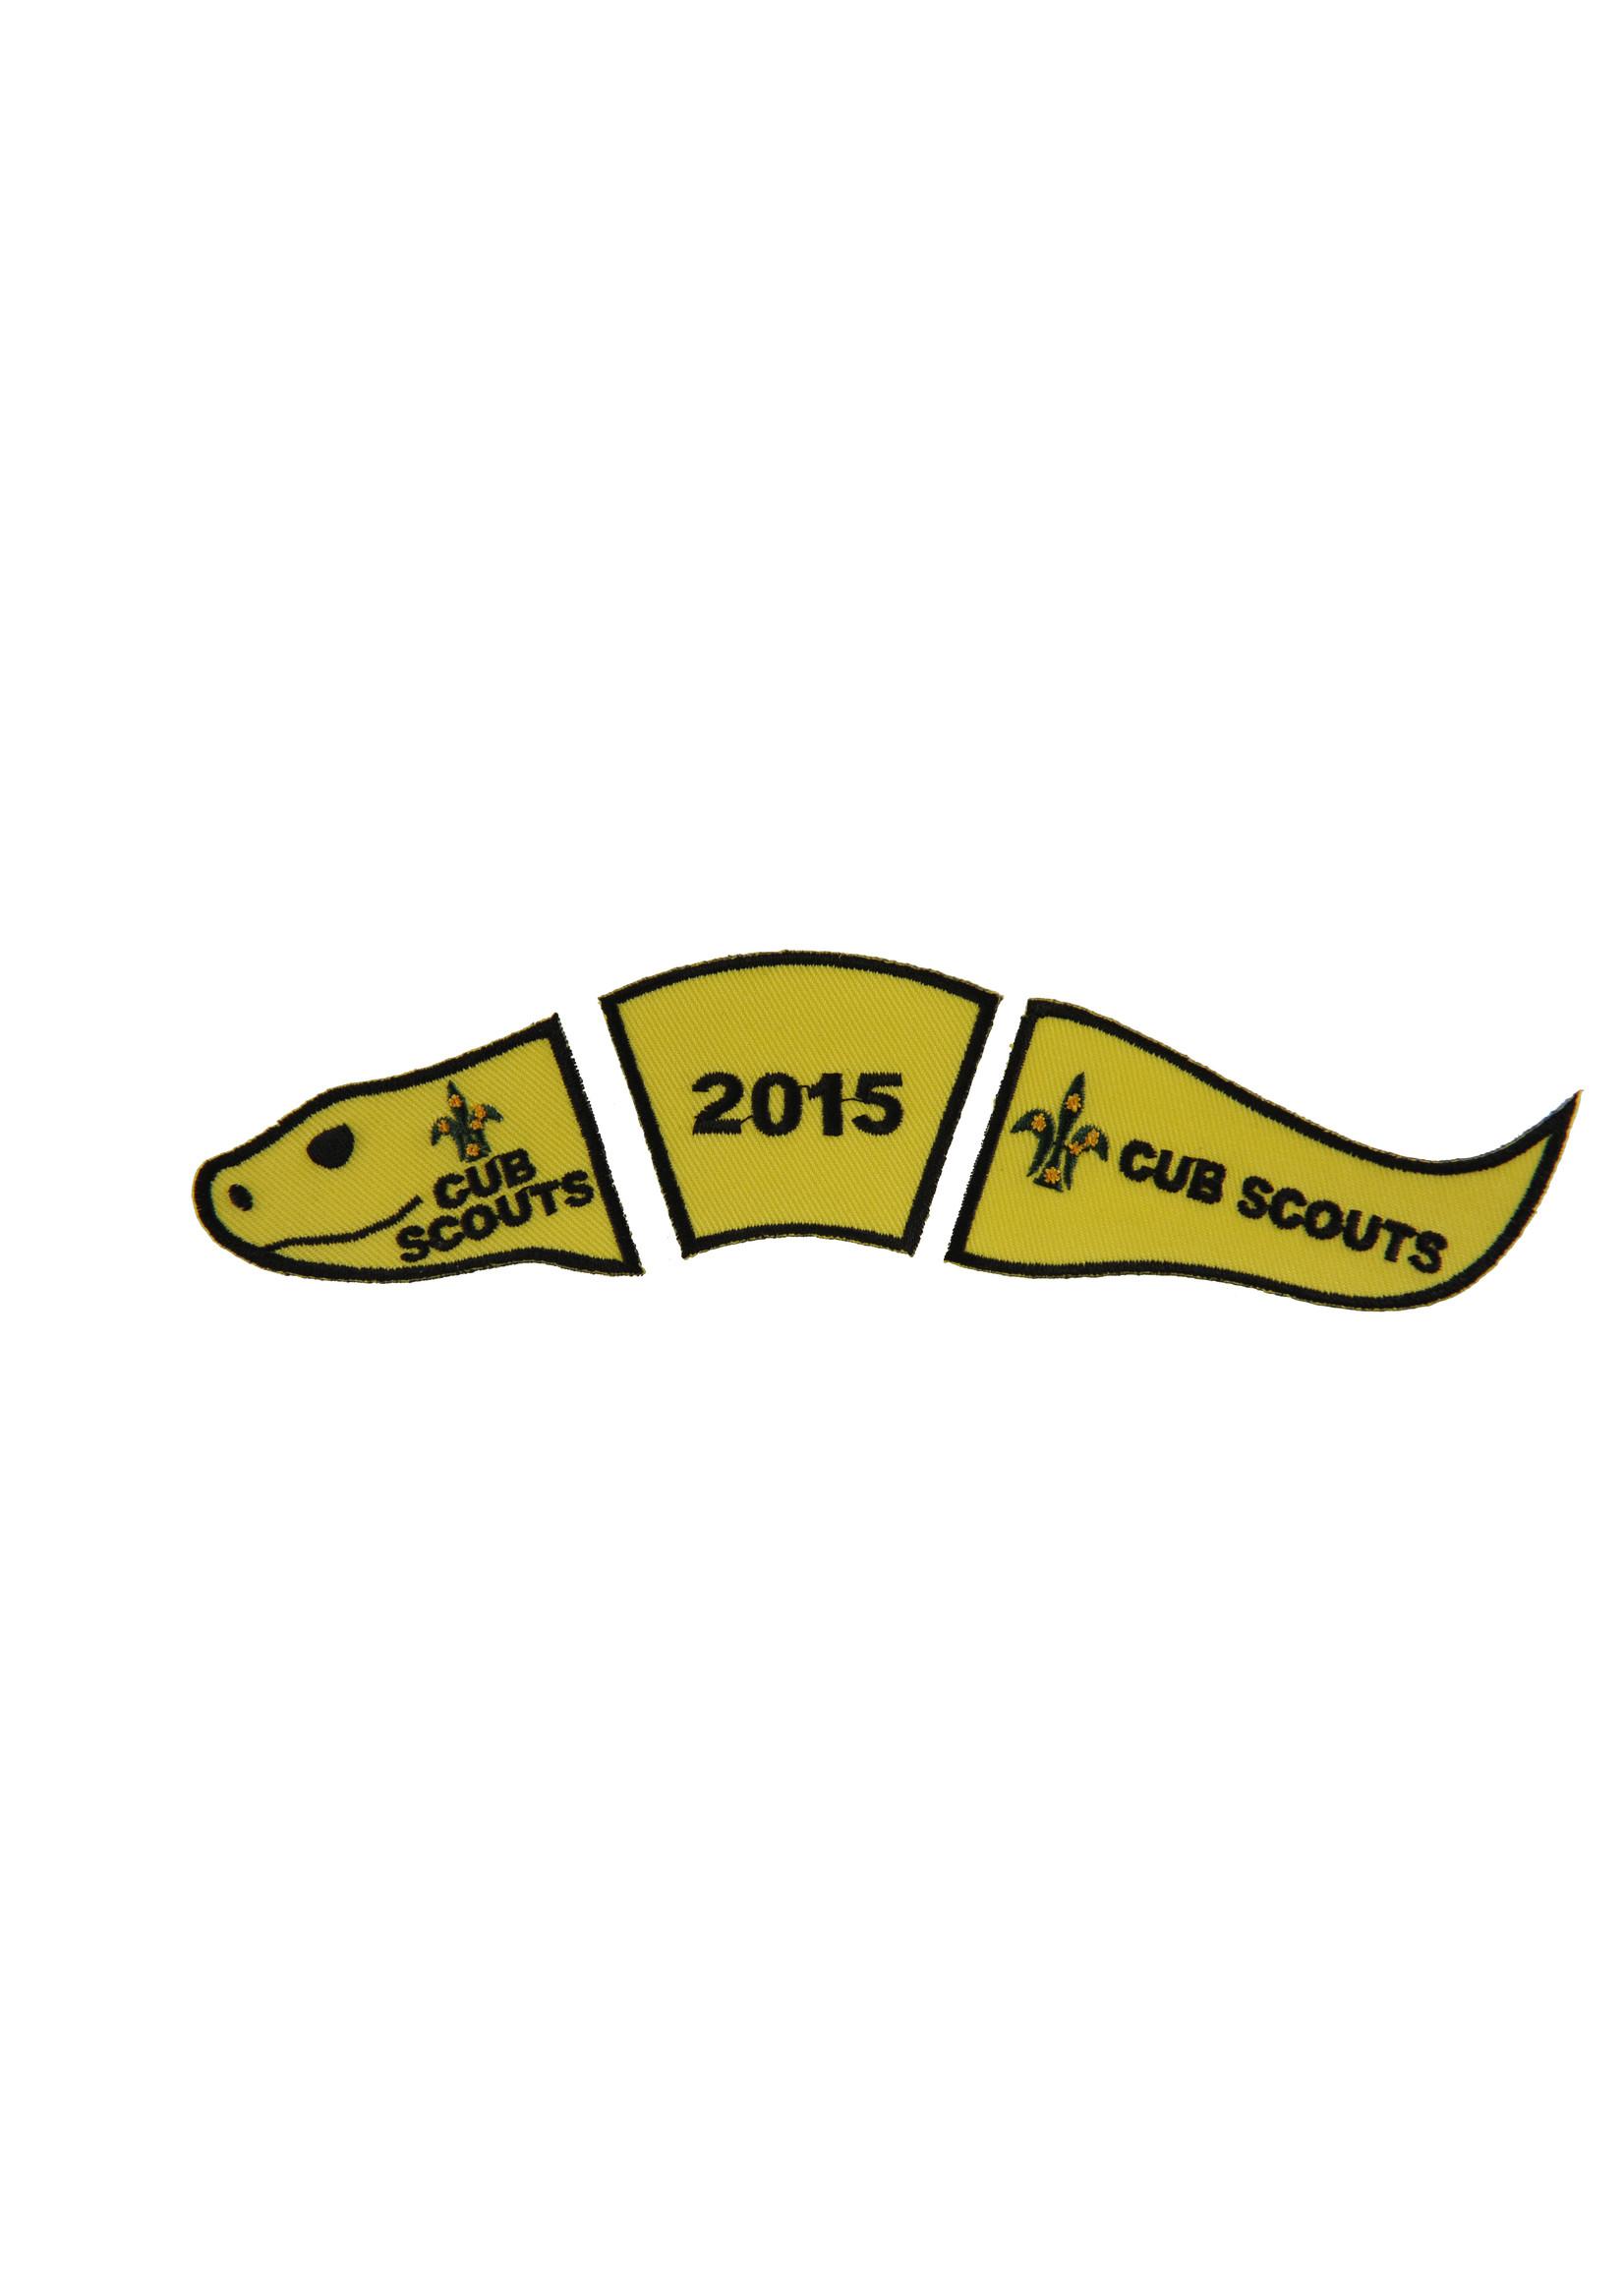 Cub Snake Badge - Year